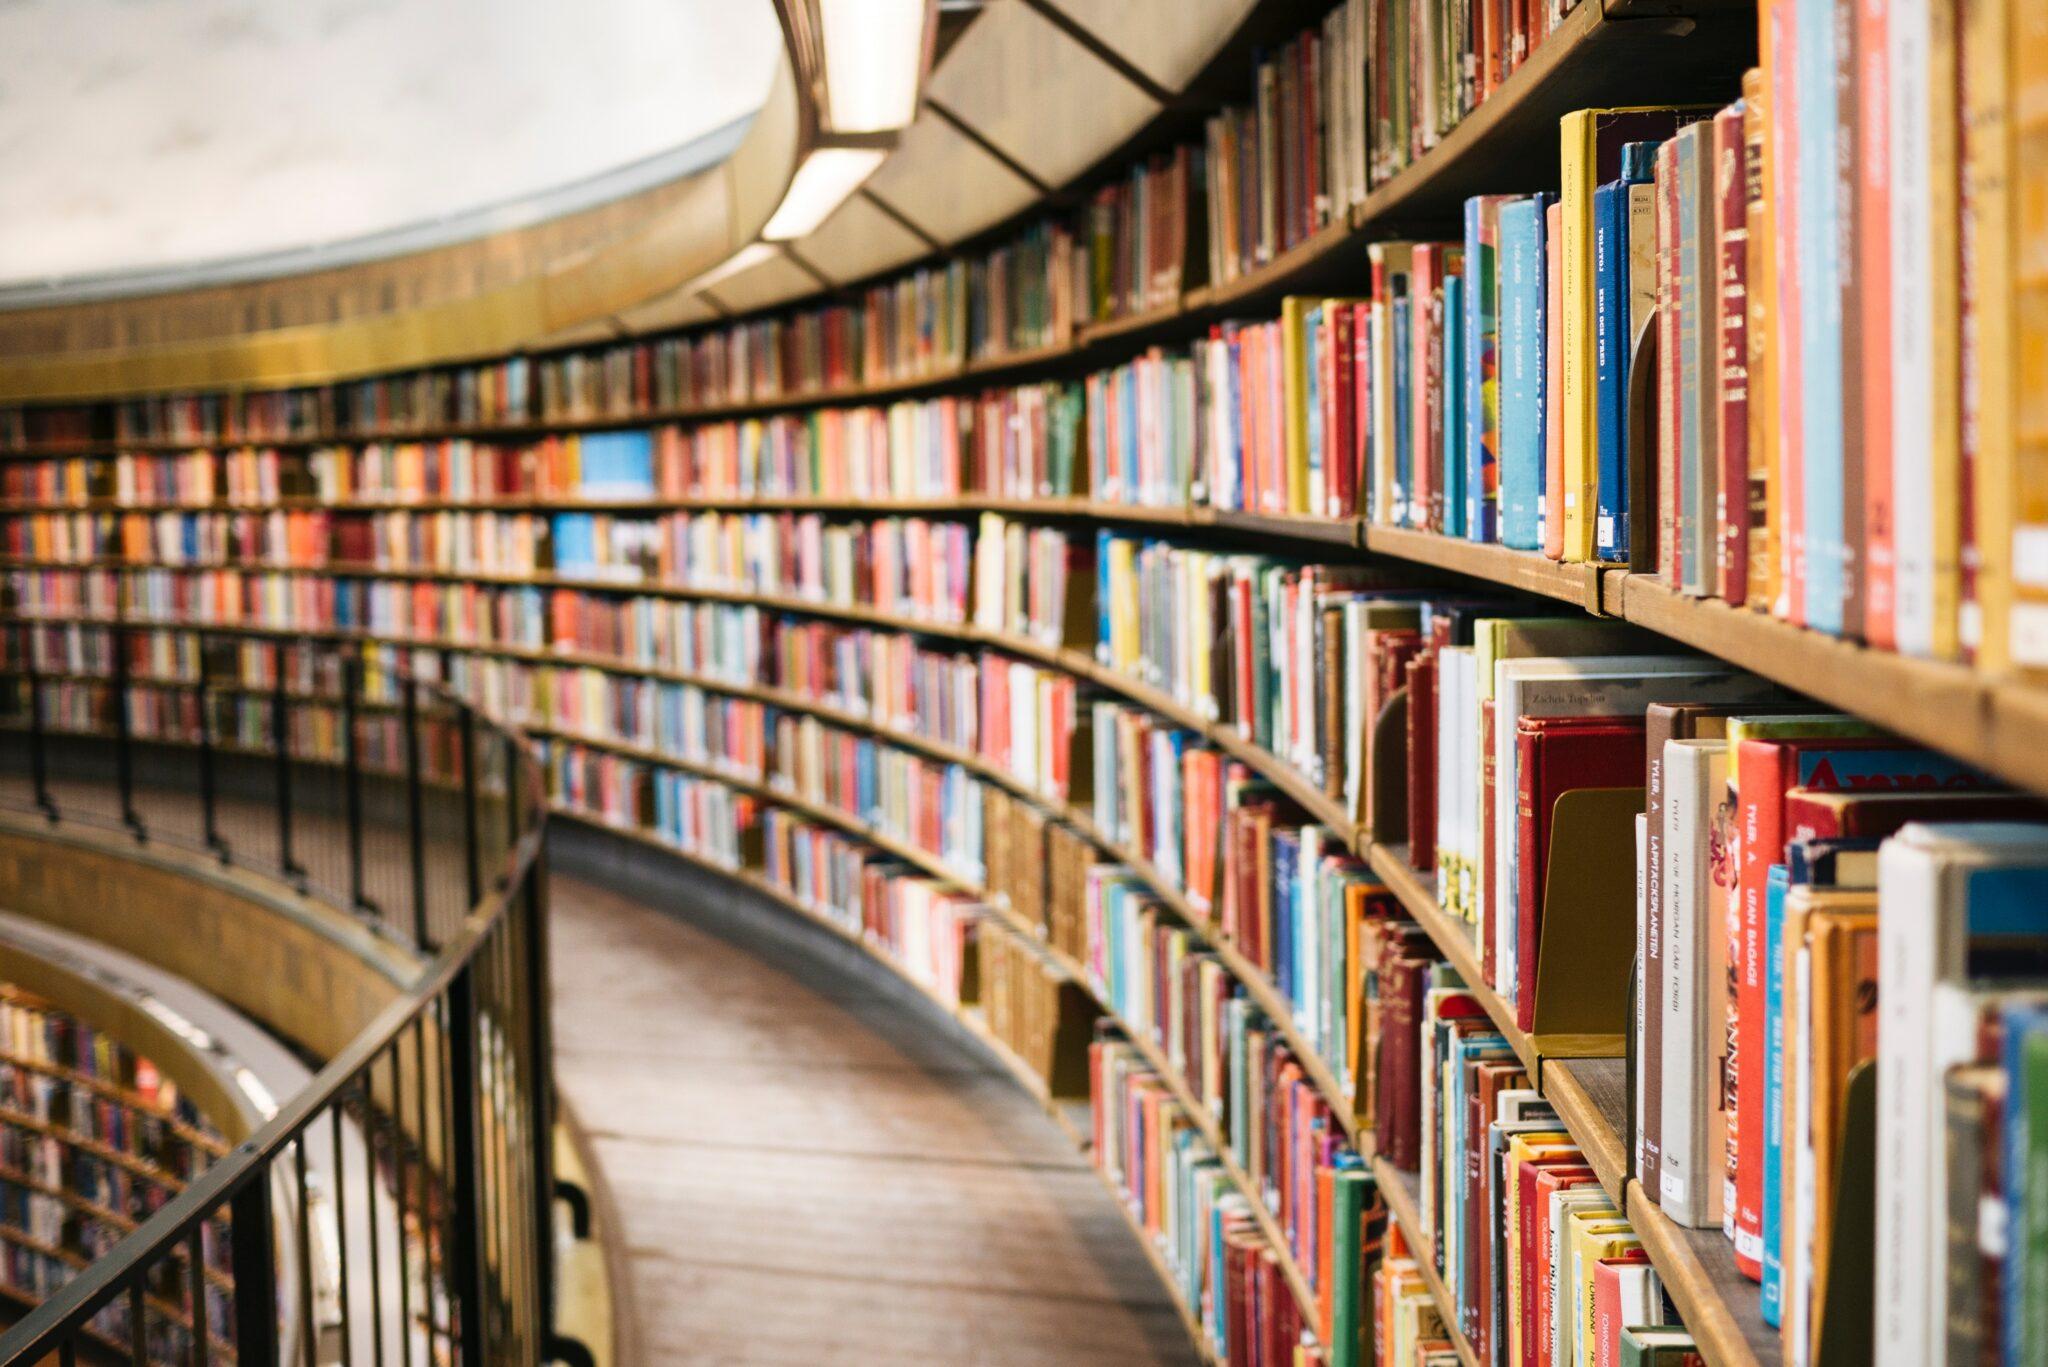 Kein Zutritt für Misserfolge: Wissenschaftliche Publikationen berichten fast ausschliesslich von Erfolgen. Im Bild die Universitätsbibliothek von Stockholm.